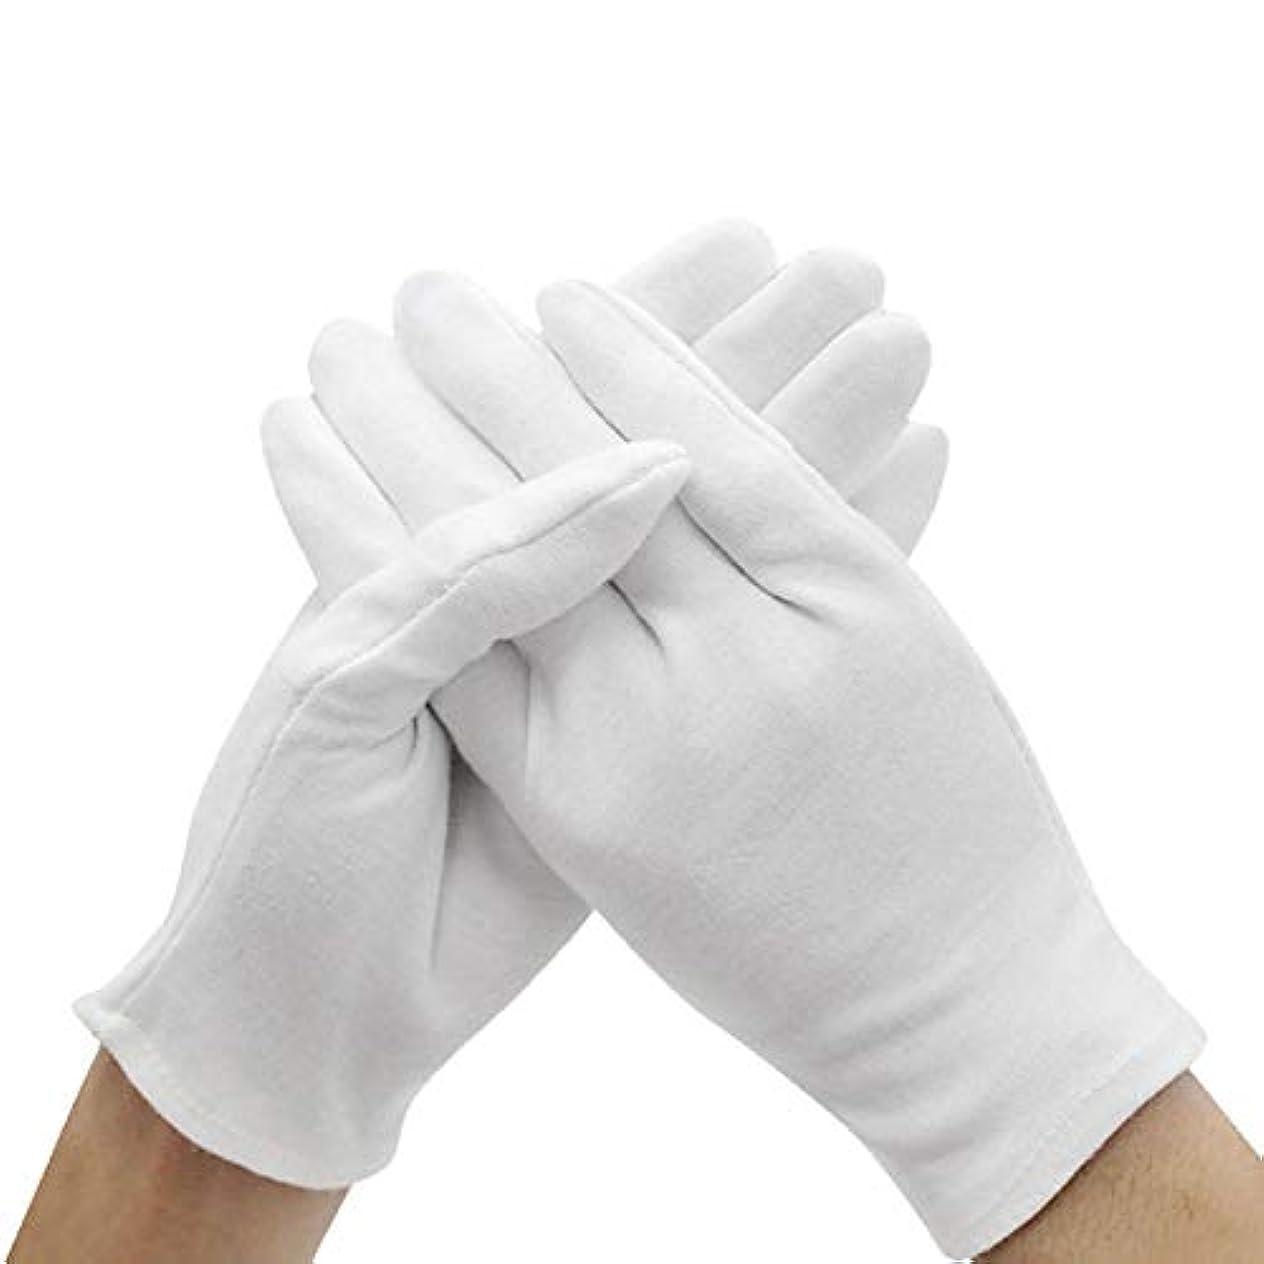 冬用語集コンピューターゲームをプレイするコットン手袋 綿 手荒れ予防 【湿疹用 乾燥肌用 保湿用 礼装用】純綿100% 白手袋 作業用 インナー手袋,ワンサイズ,エチケットの機会